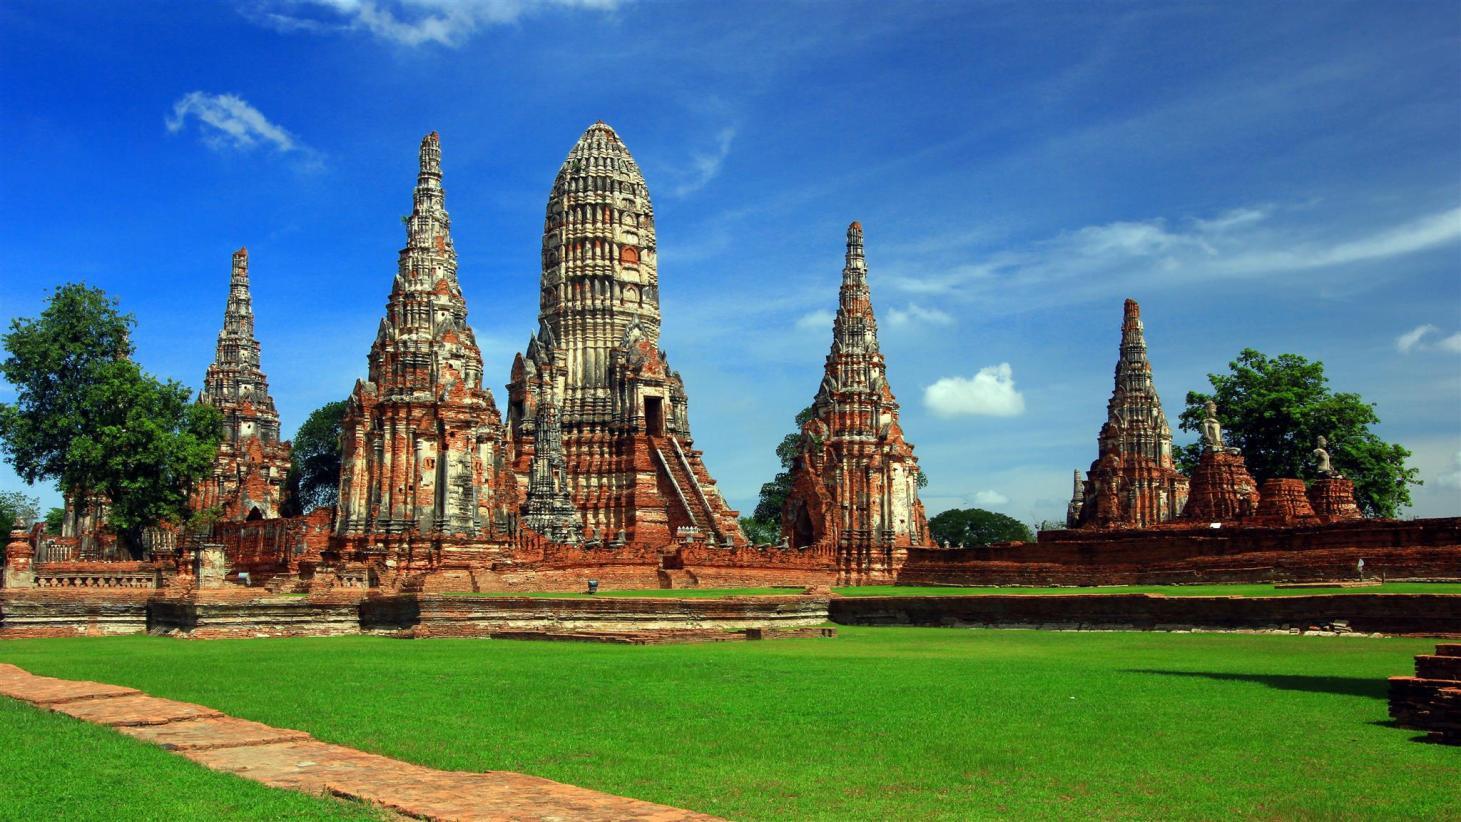 Tìm hiểu và khám phá cố đô Ayutthaya bình yên của Thái Lan - ảnh 2